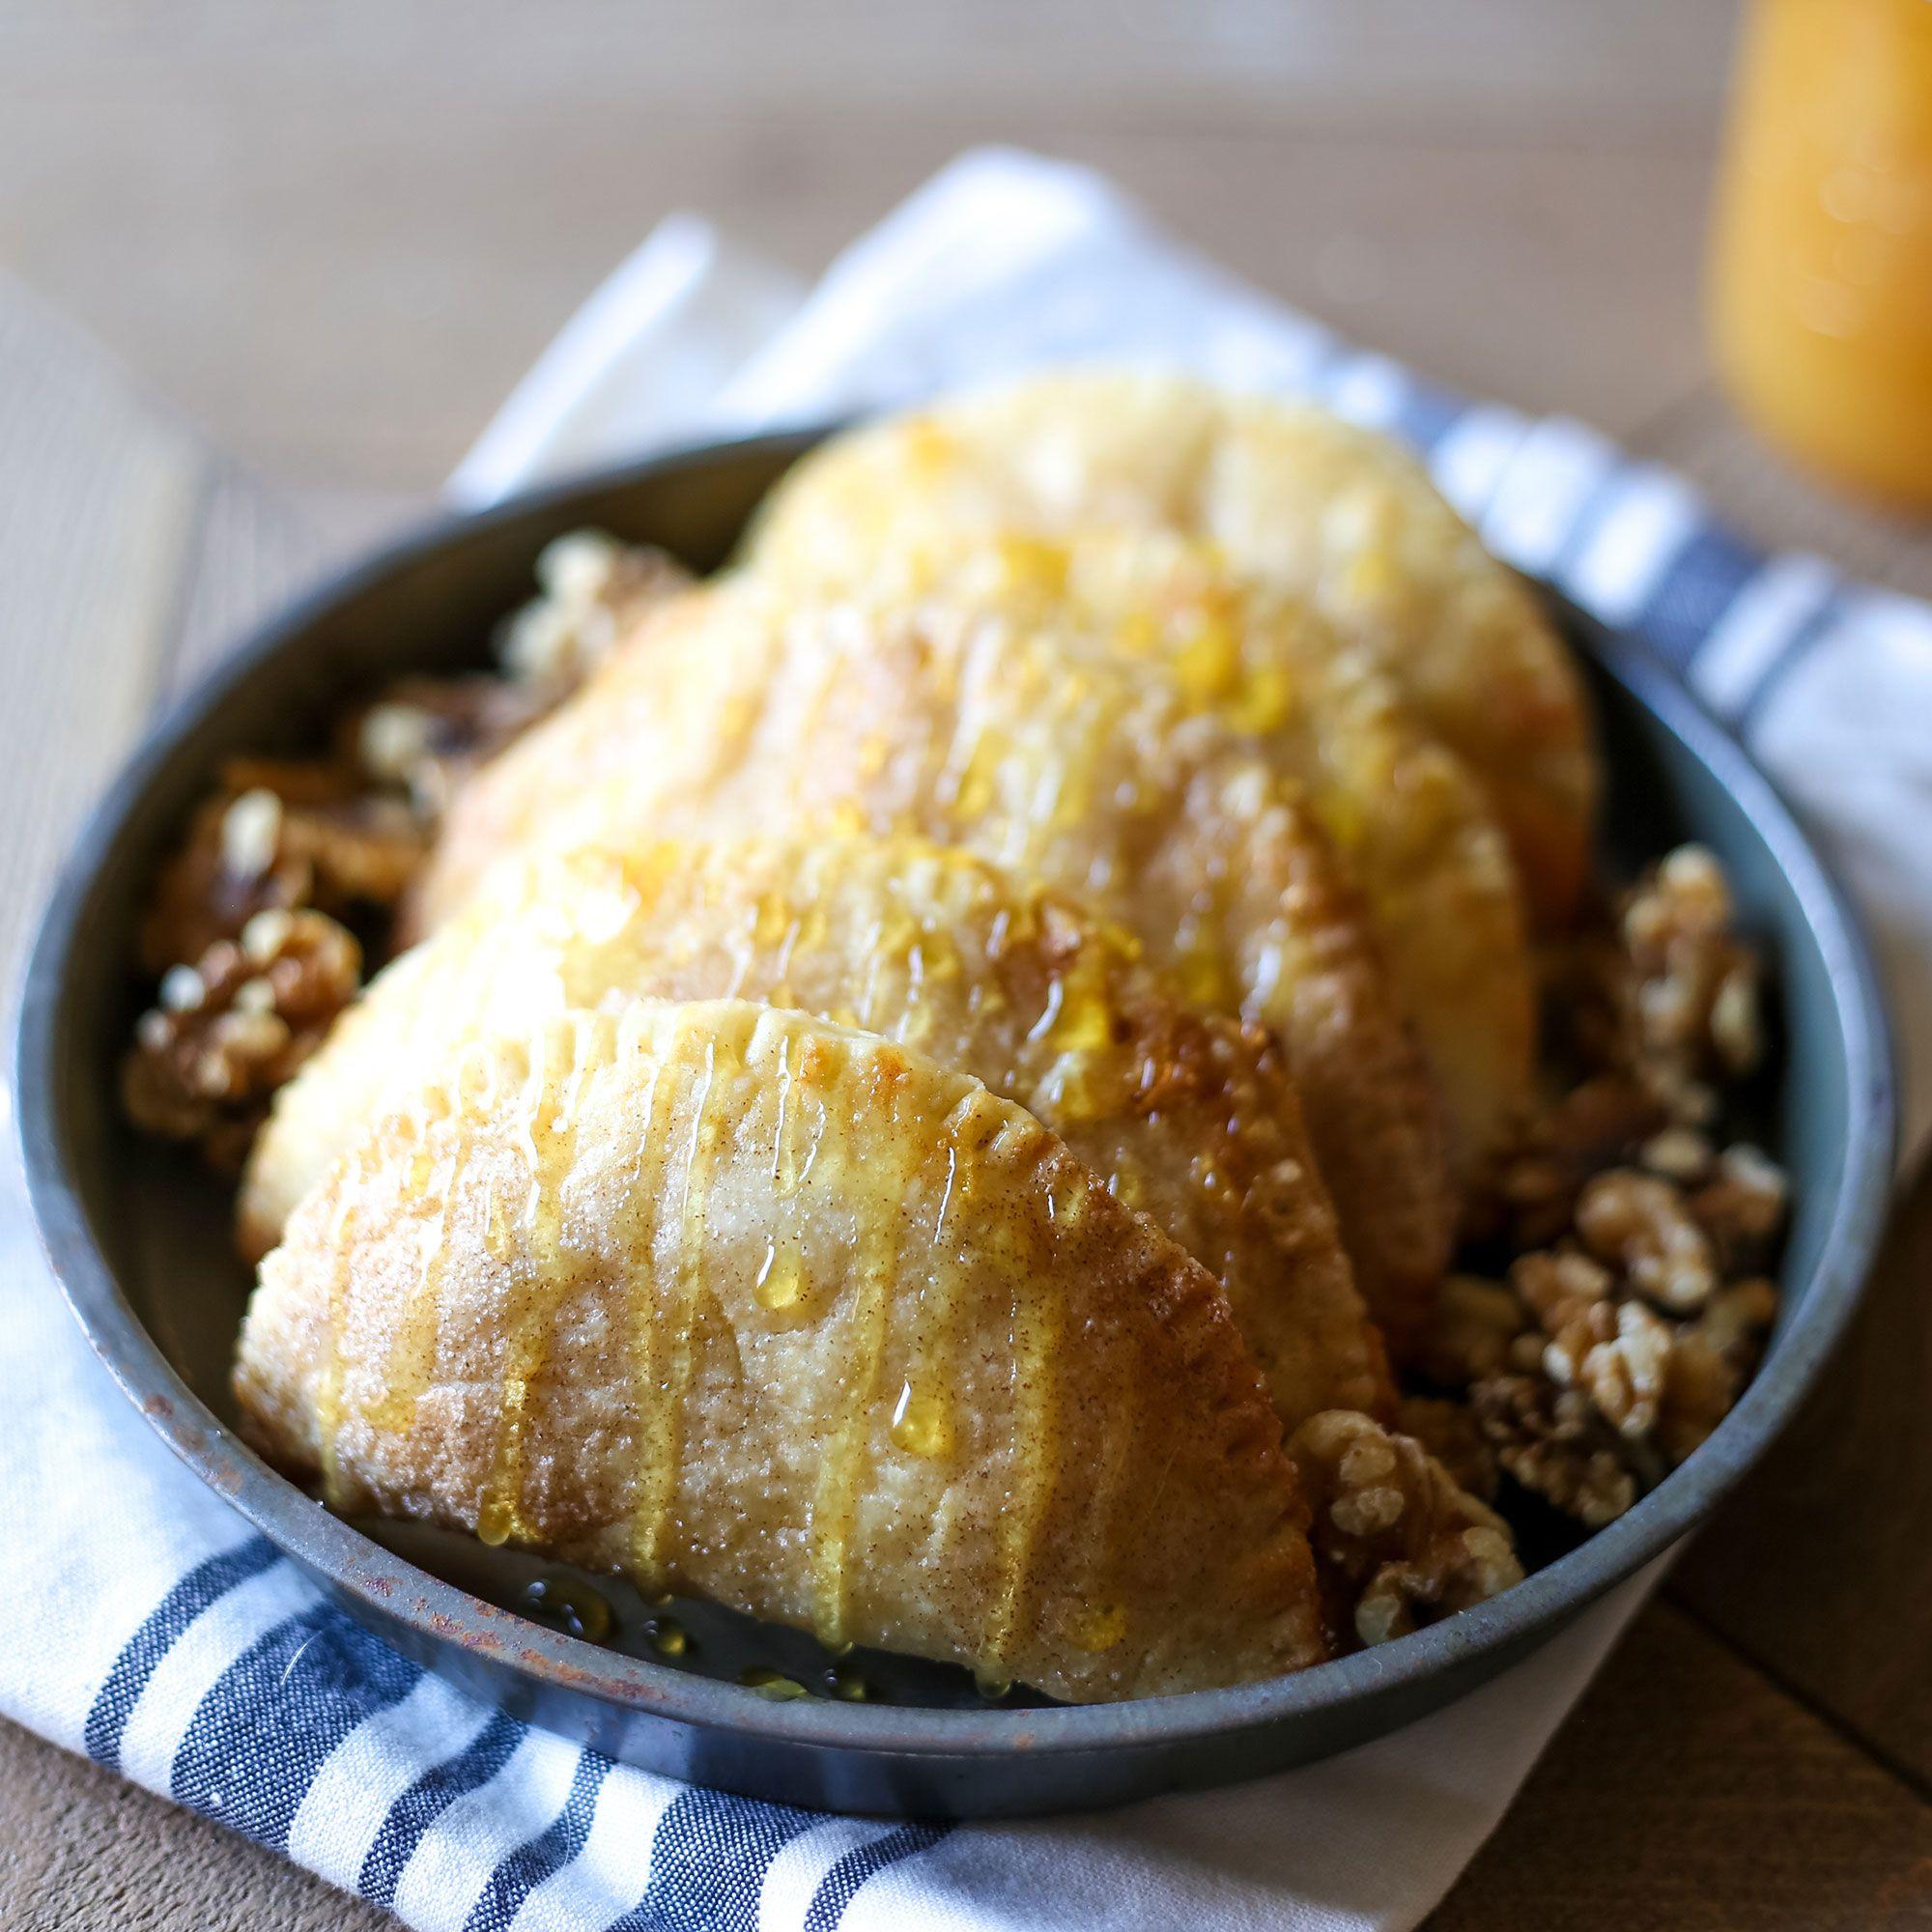 Honey Walnut Empanadas Feature A Buttery Flaky Crust